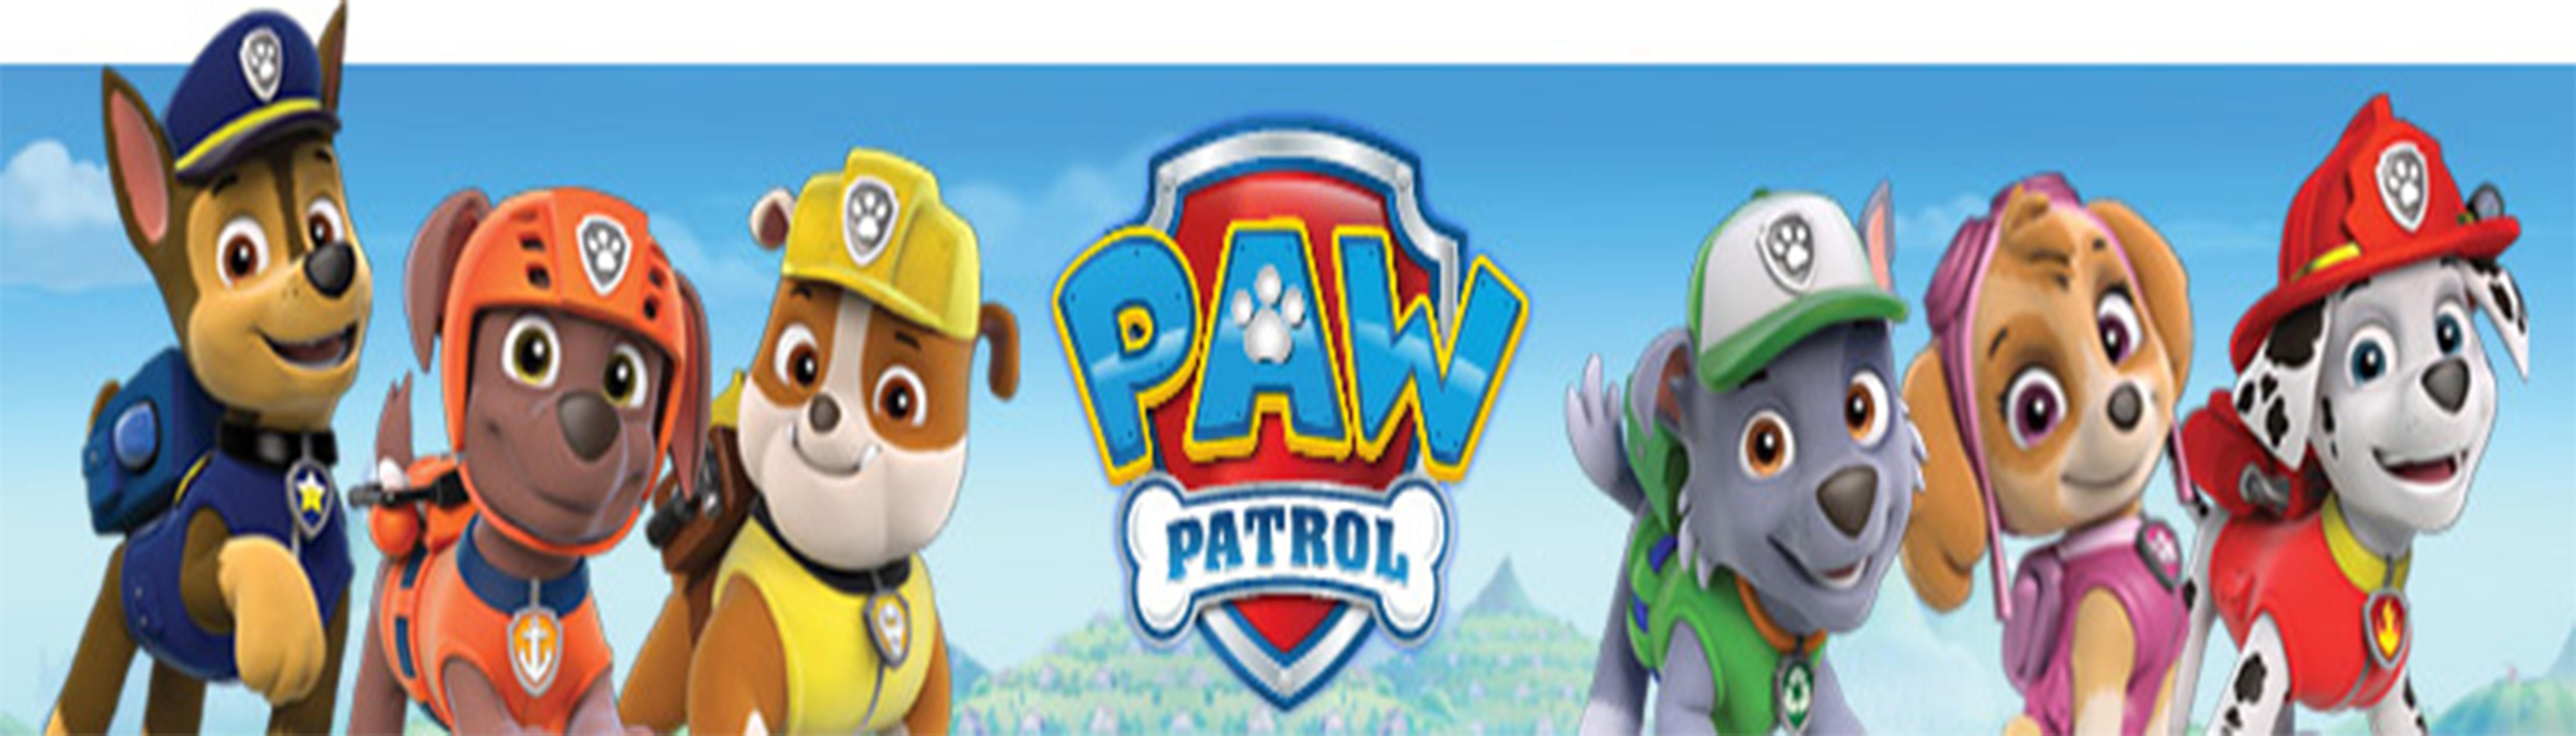 دسته Ps تاپ دانلود و بزرگترین منبع دانلود بازی دانلود بازی پلی استیشن برای